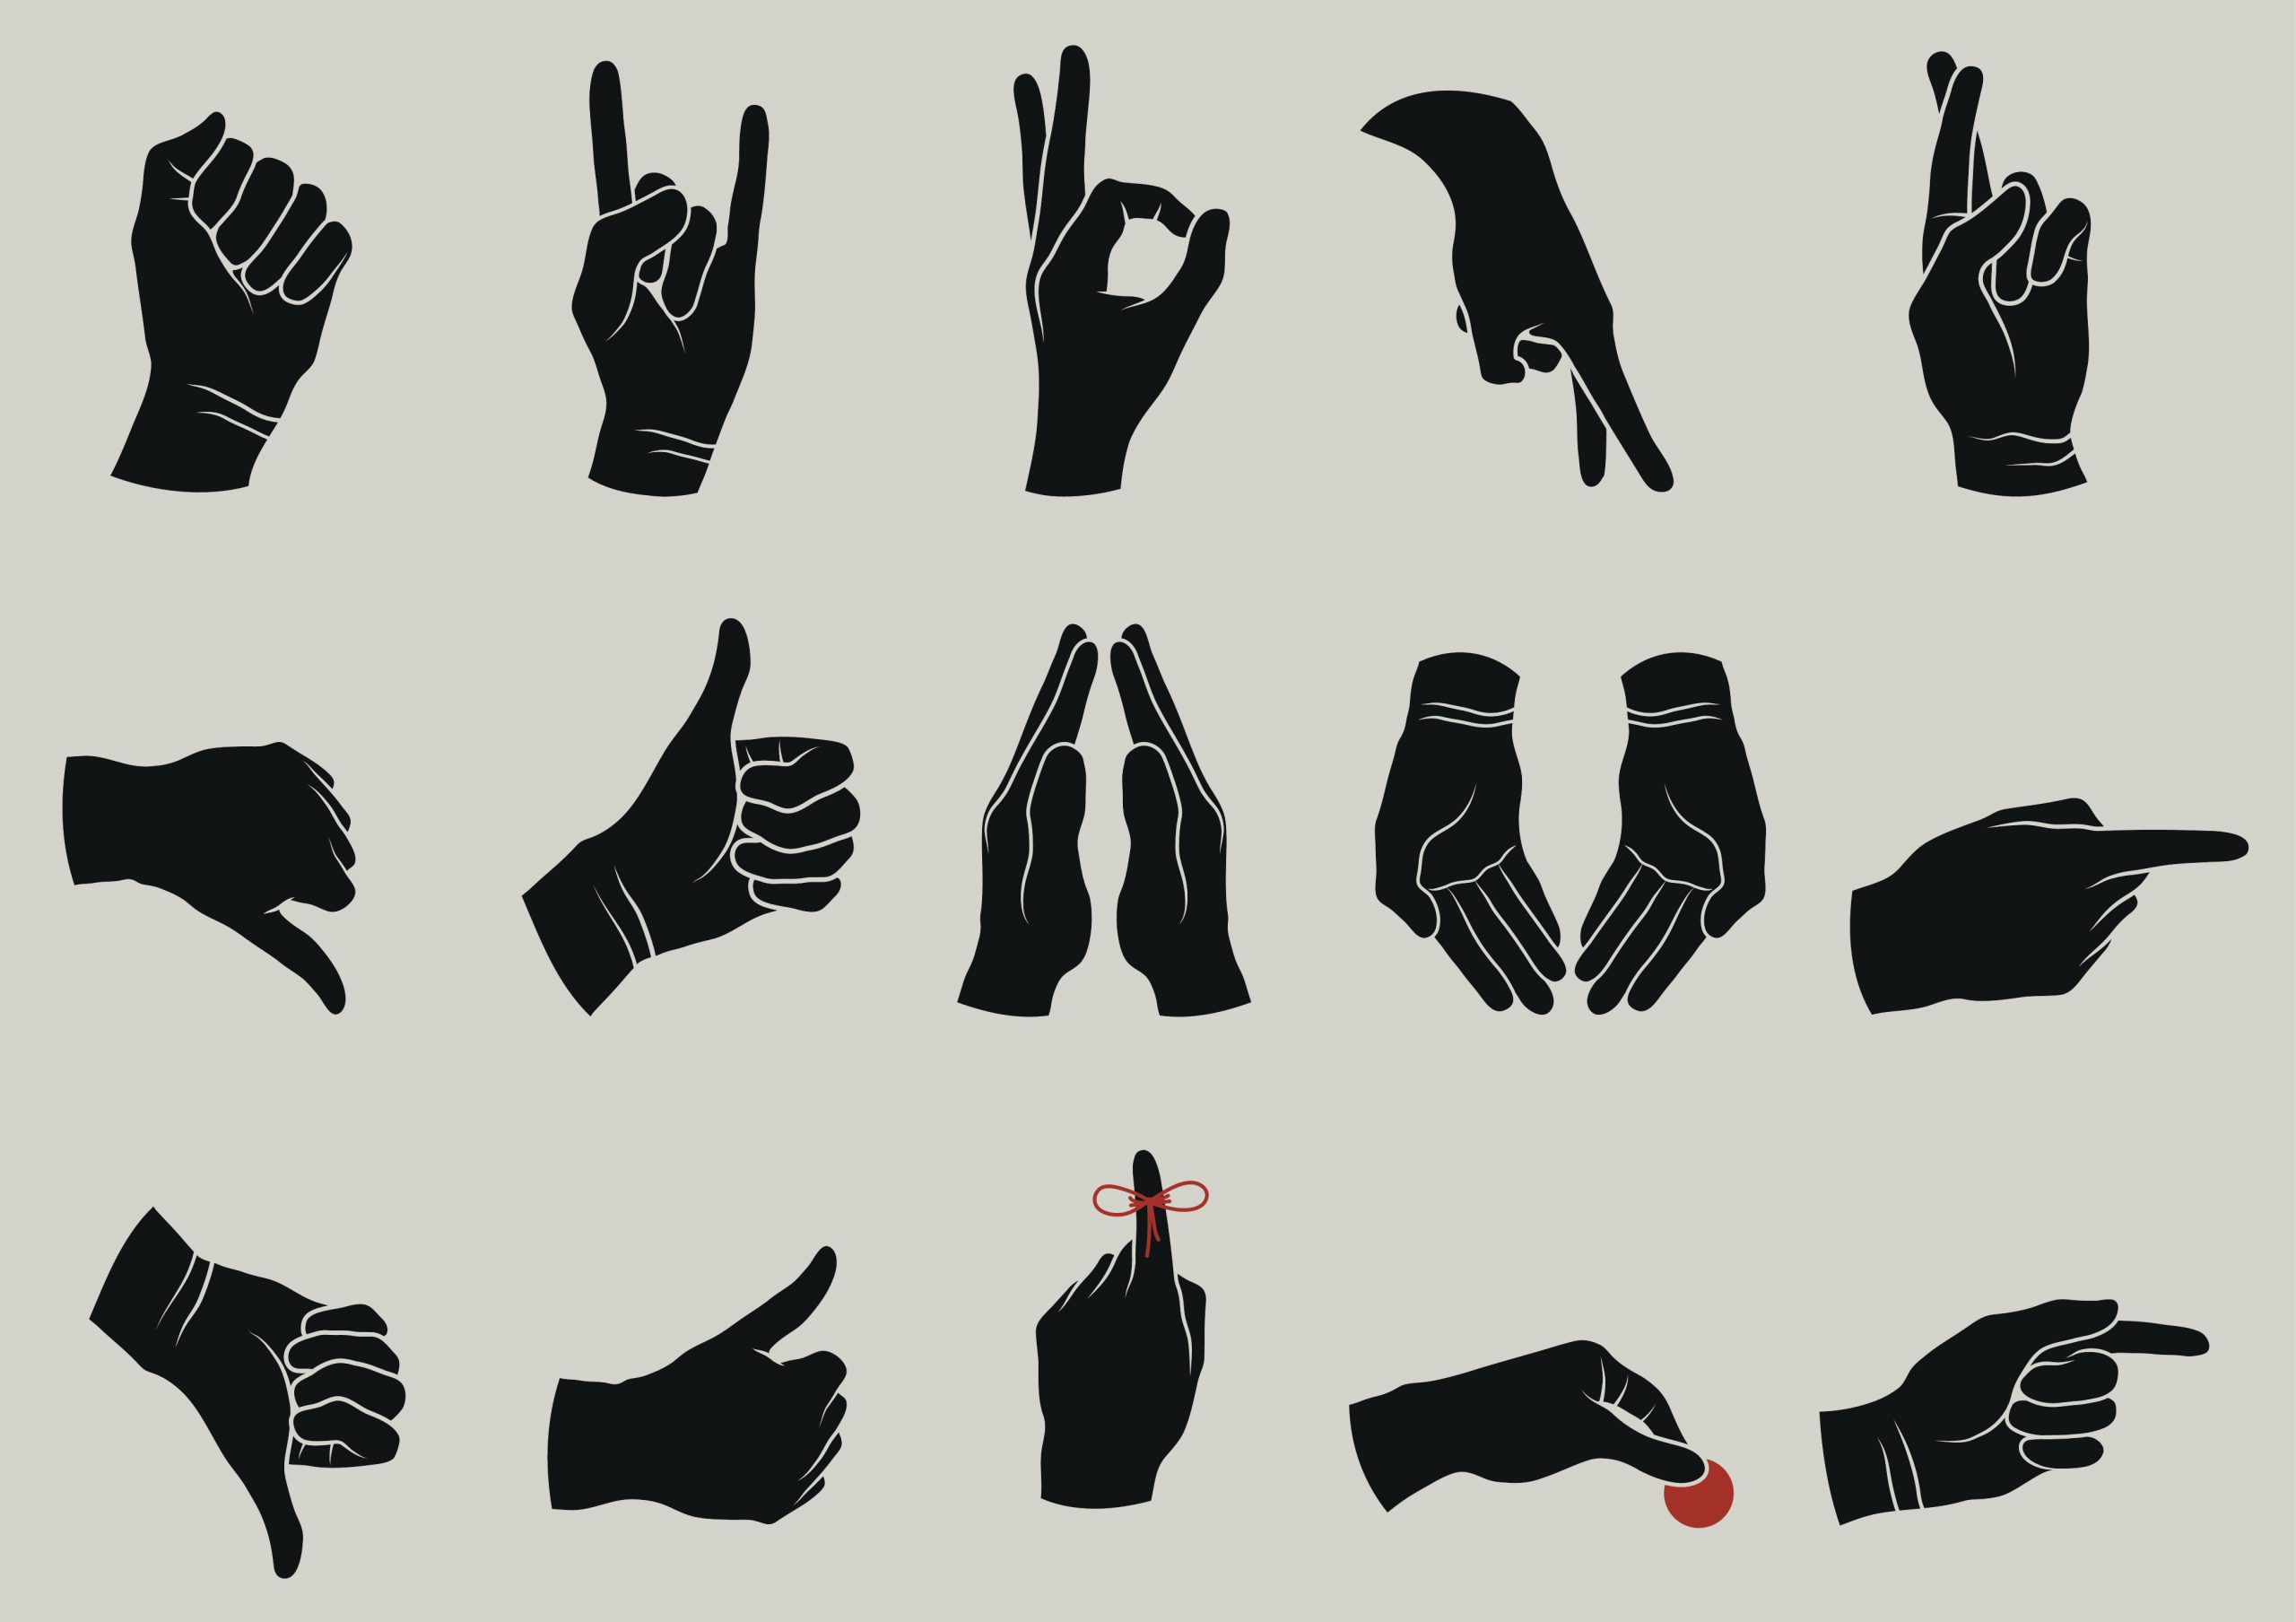 مترجم 10 من إشارات اليد المهينة في بعض الدول ساسة بوست